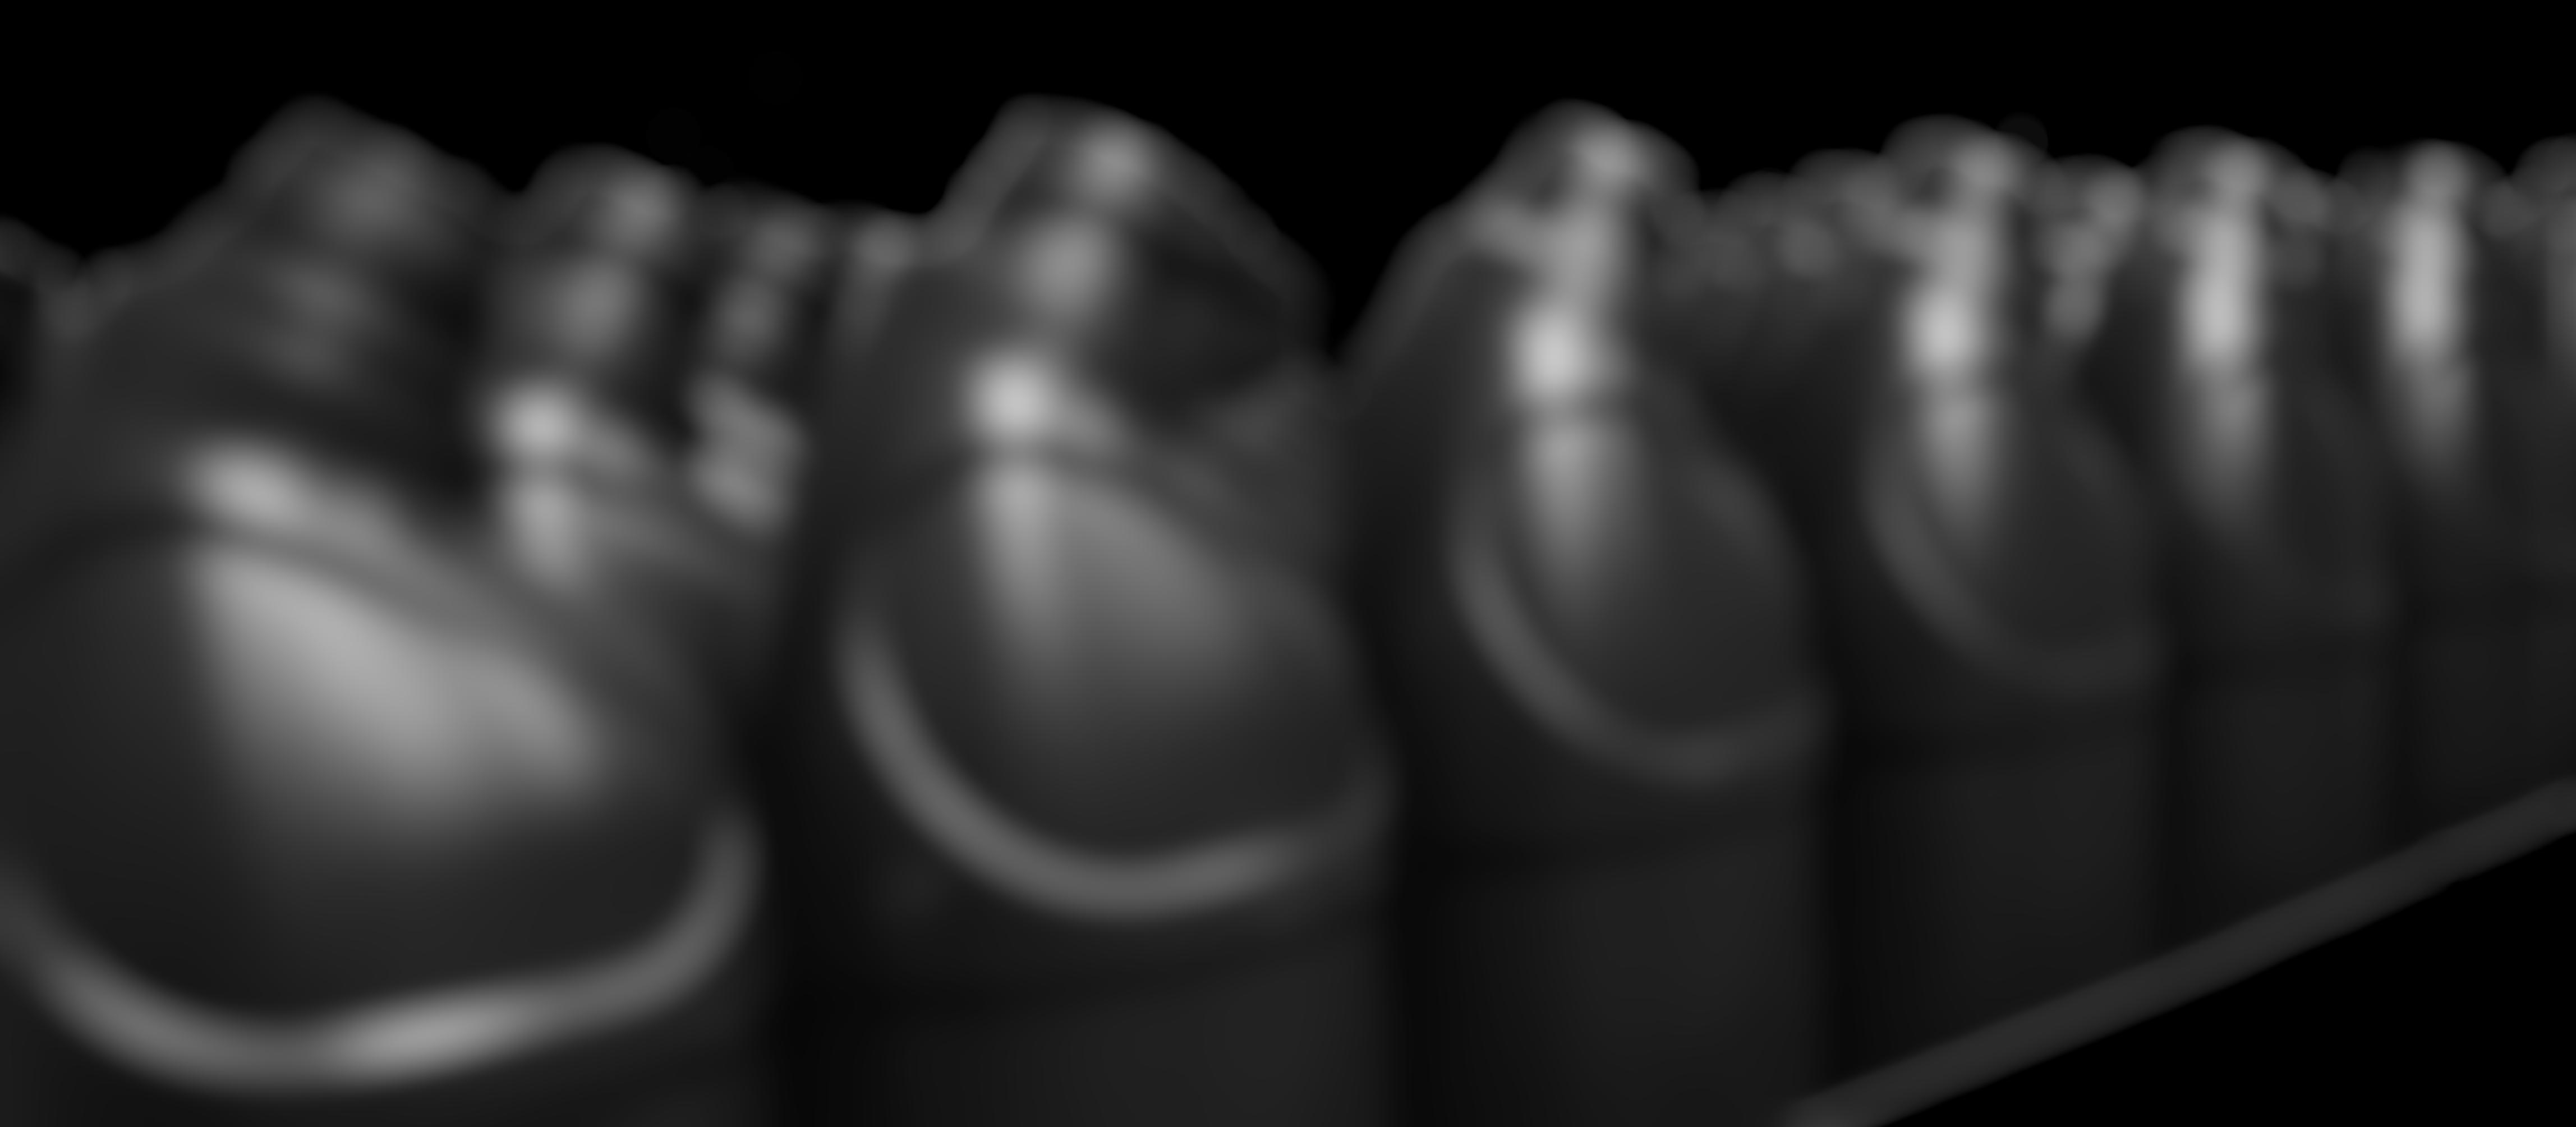 More-Bottles-Home-Page-Slider-Advert